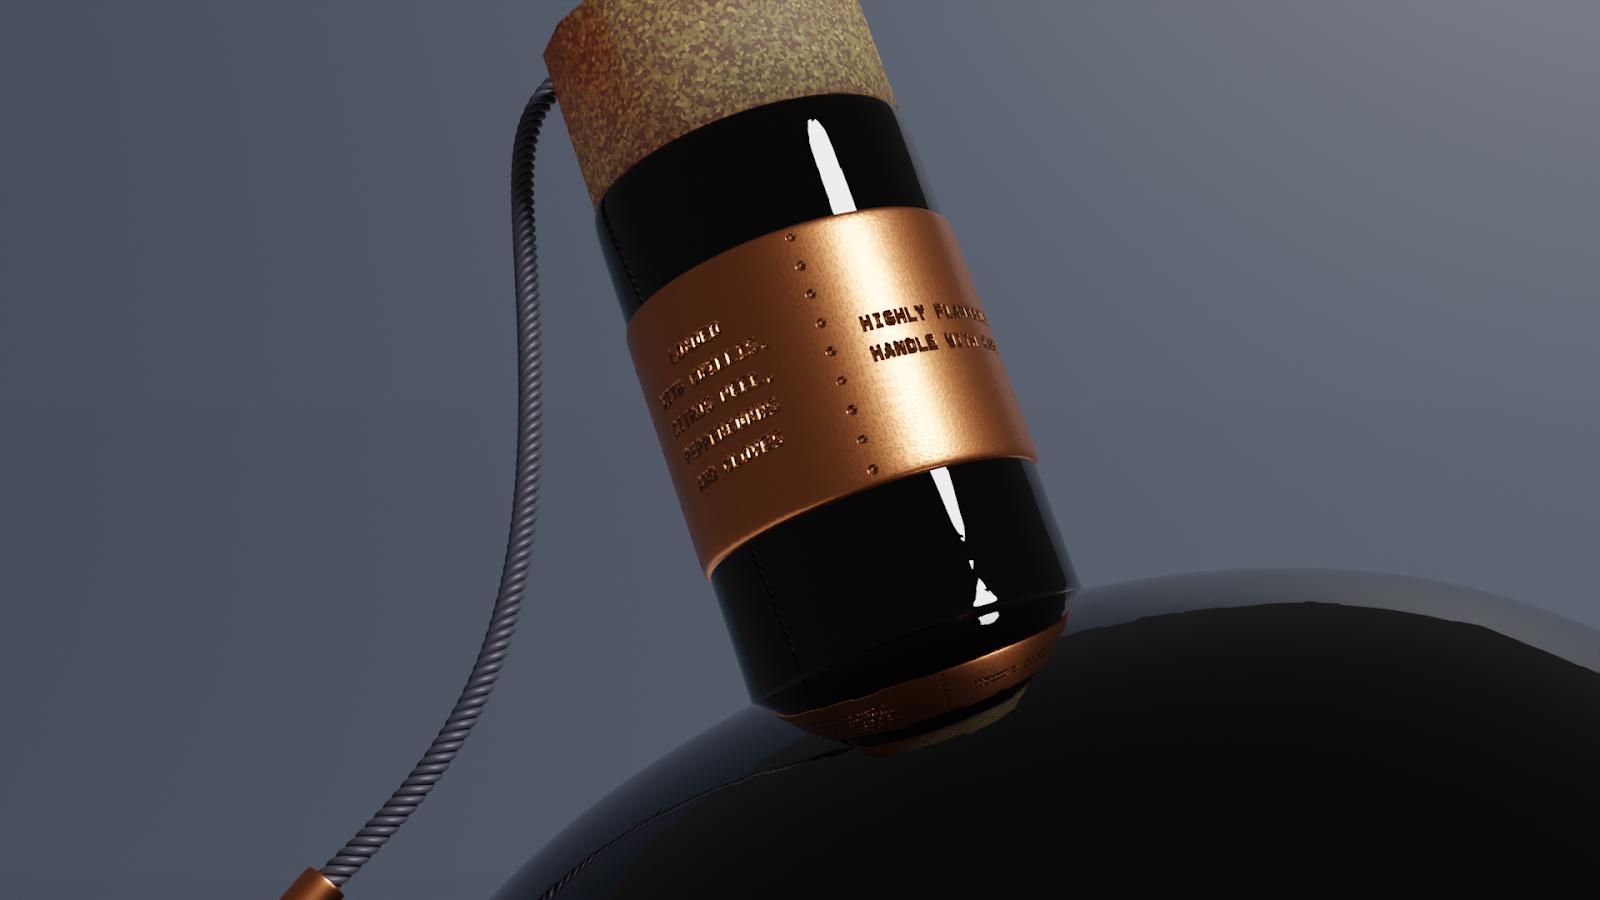 Gunpowder Mill Black Spiced Rum (rhum épicé) I Design (projet étudiant) : Holly McNicholas ( University of Central Lancashire), Royaume-Uni (février 2021)